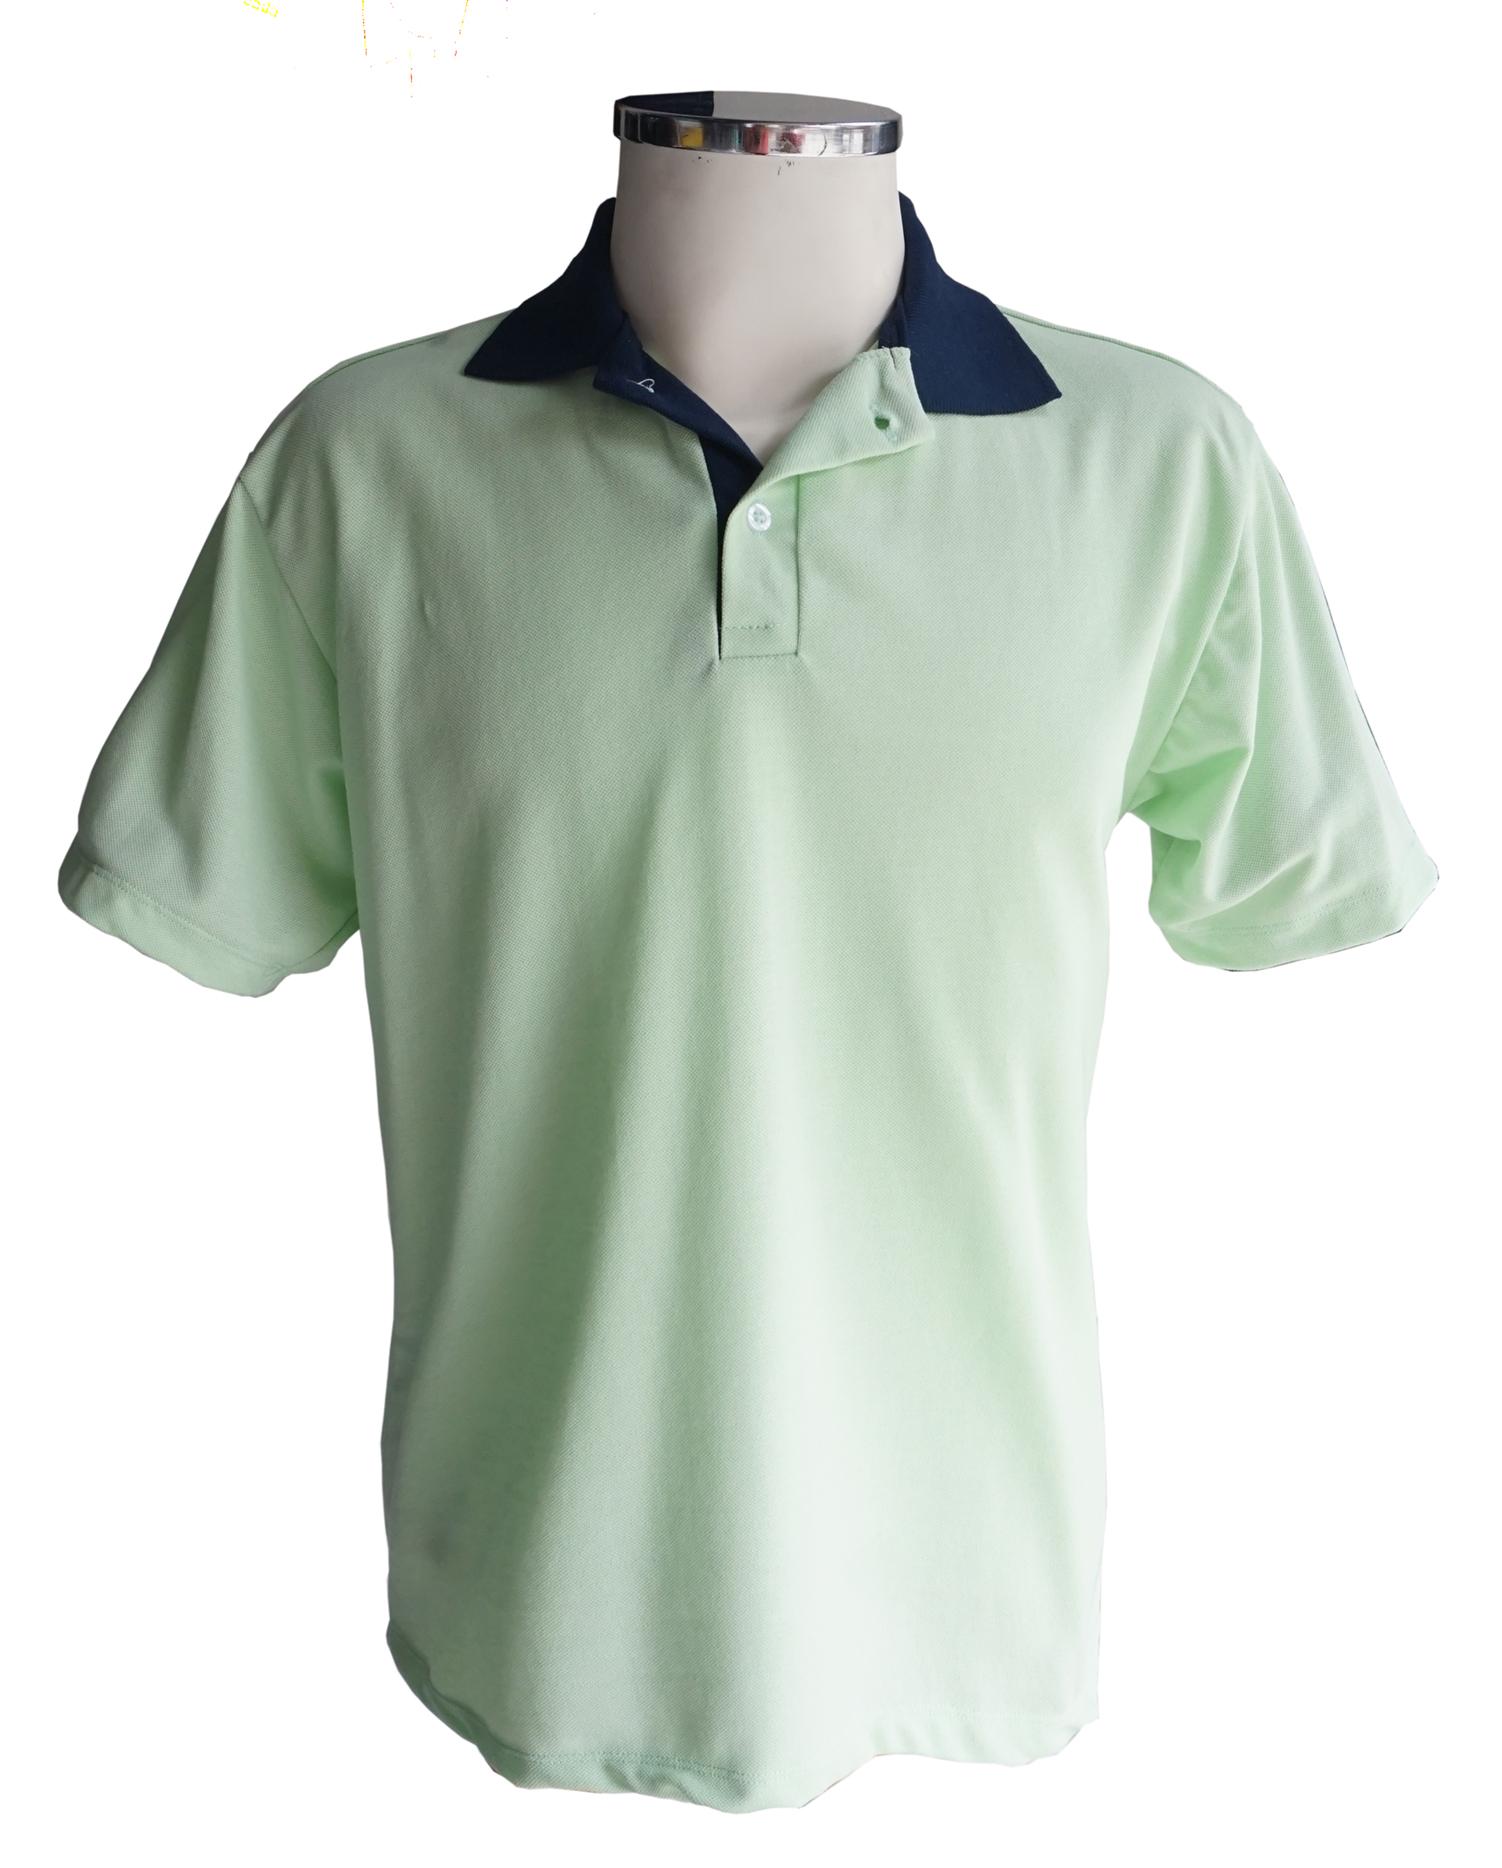 Verde claro com gola marinho